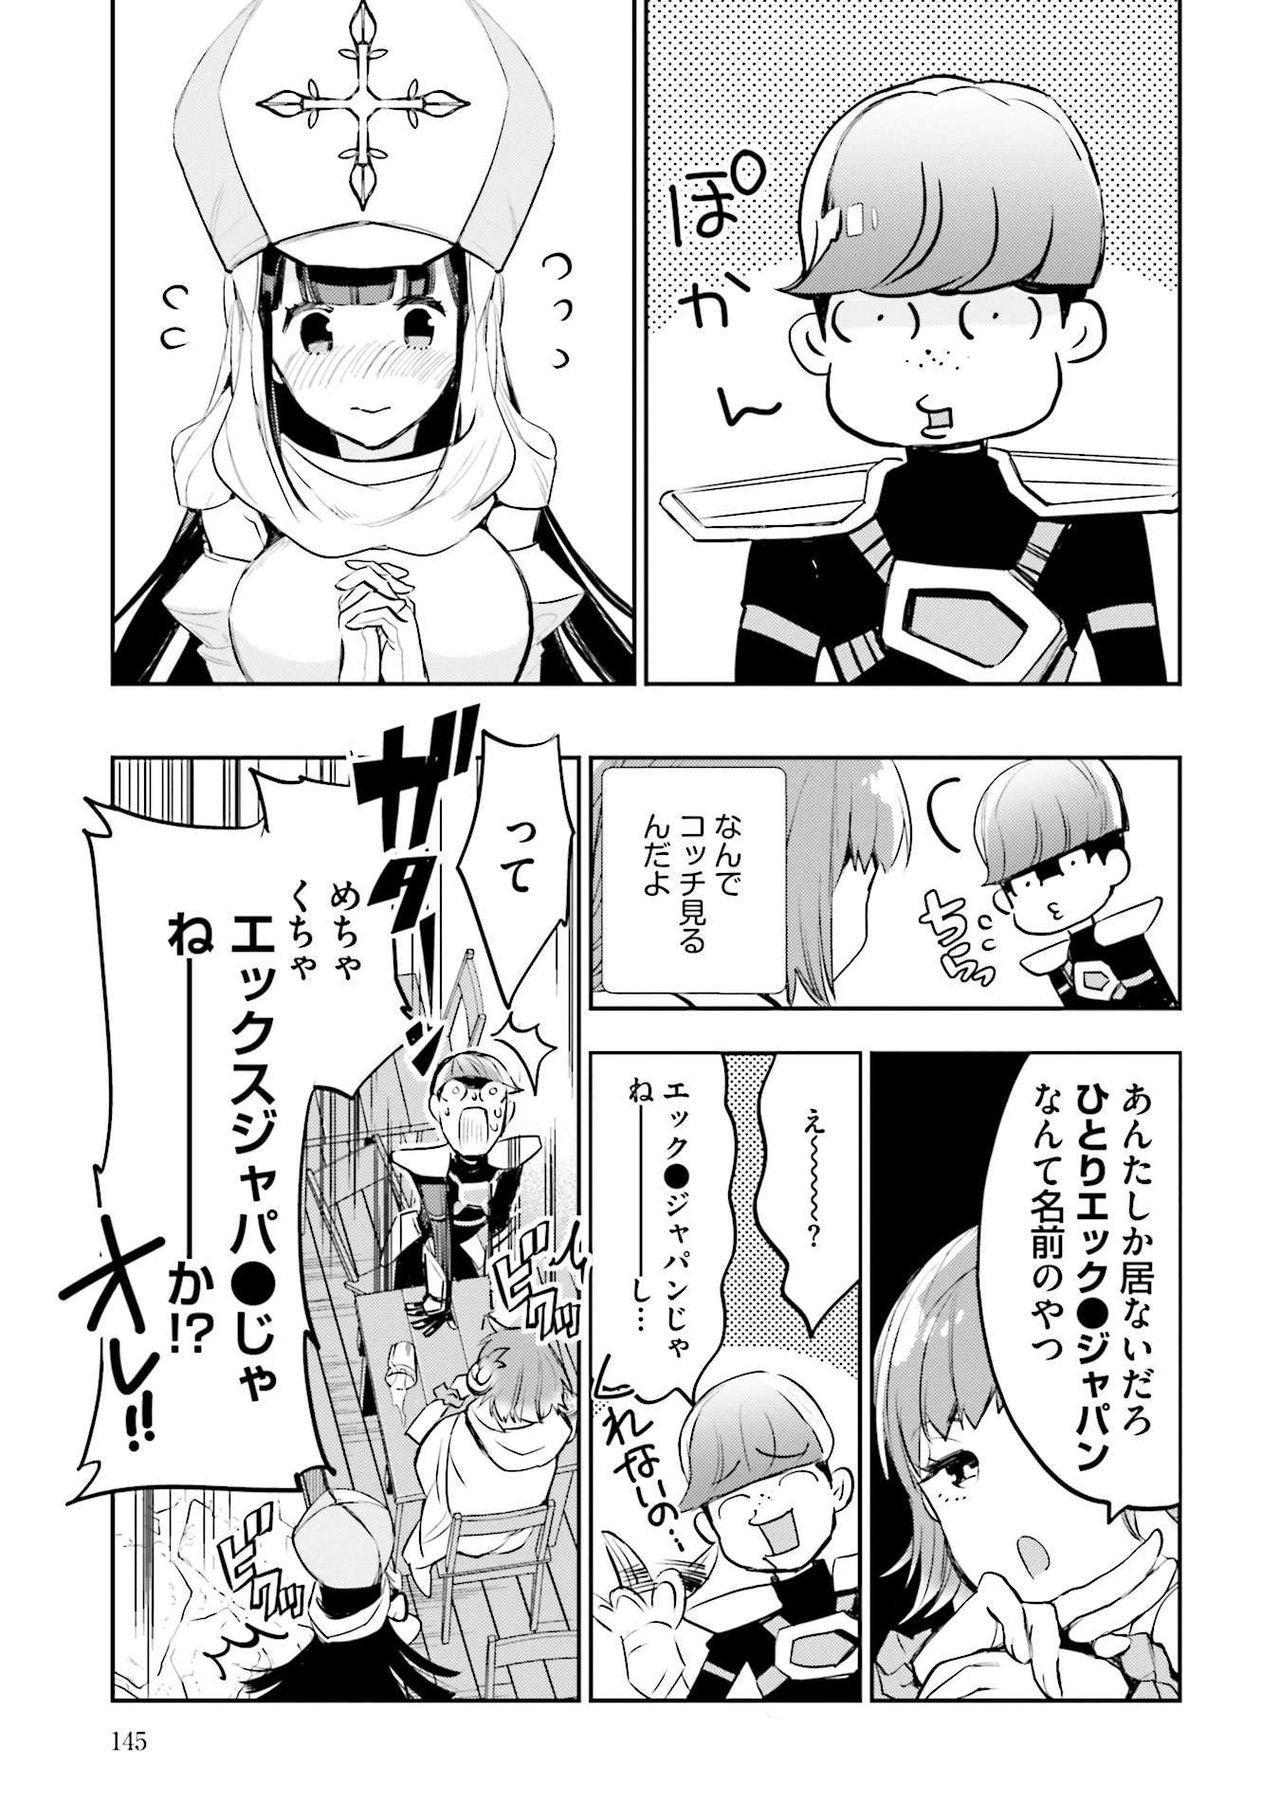 JK Haru wa Isekai de Shoufu ni Natta 1-14 146